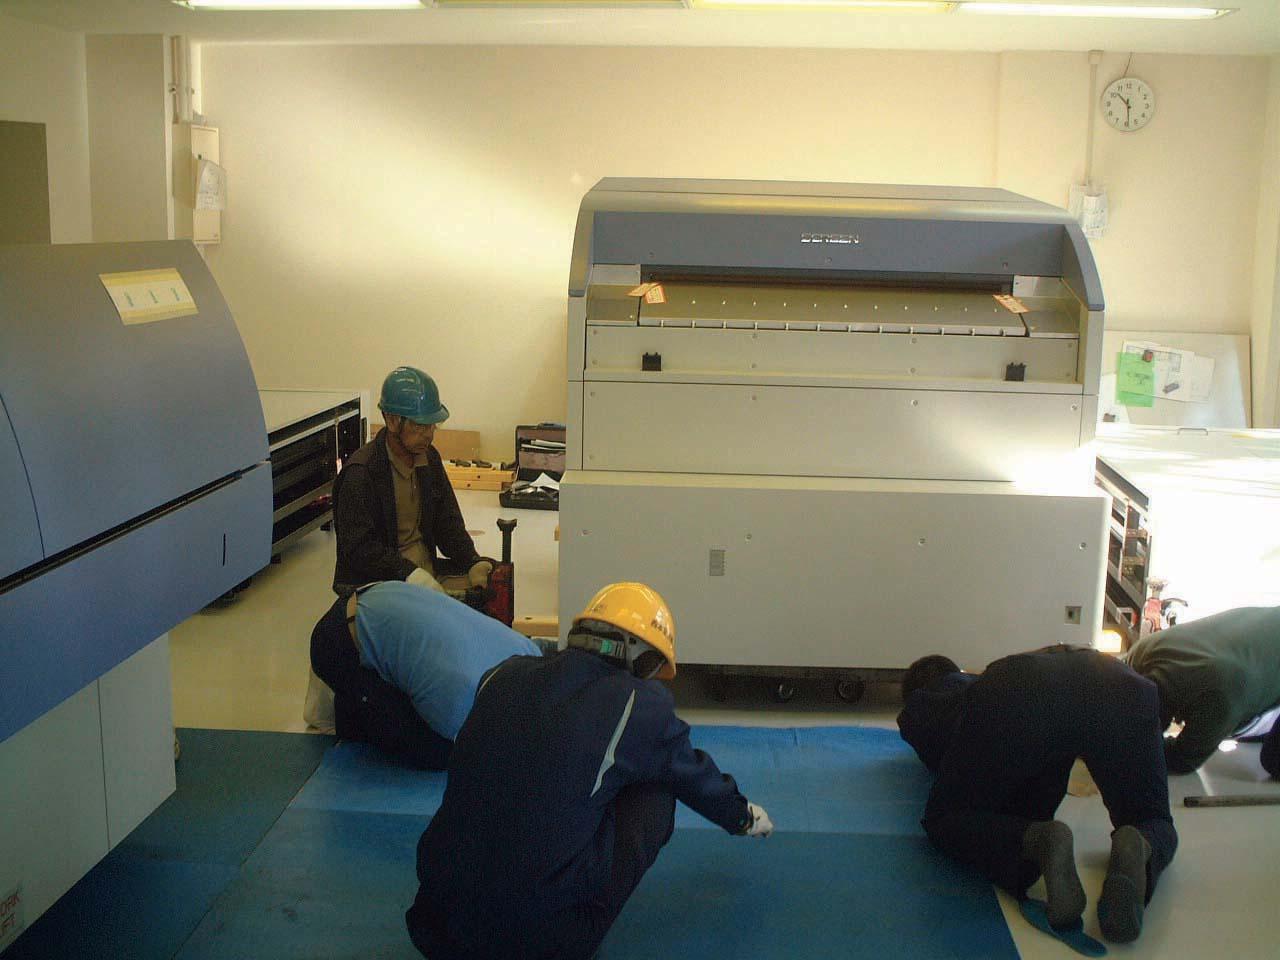 印刷機械、搬入据付工事作業風景。広島の西本急送では安全な作業を行っております。